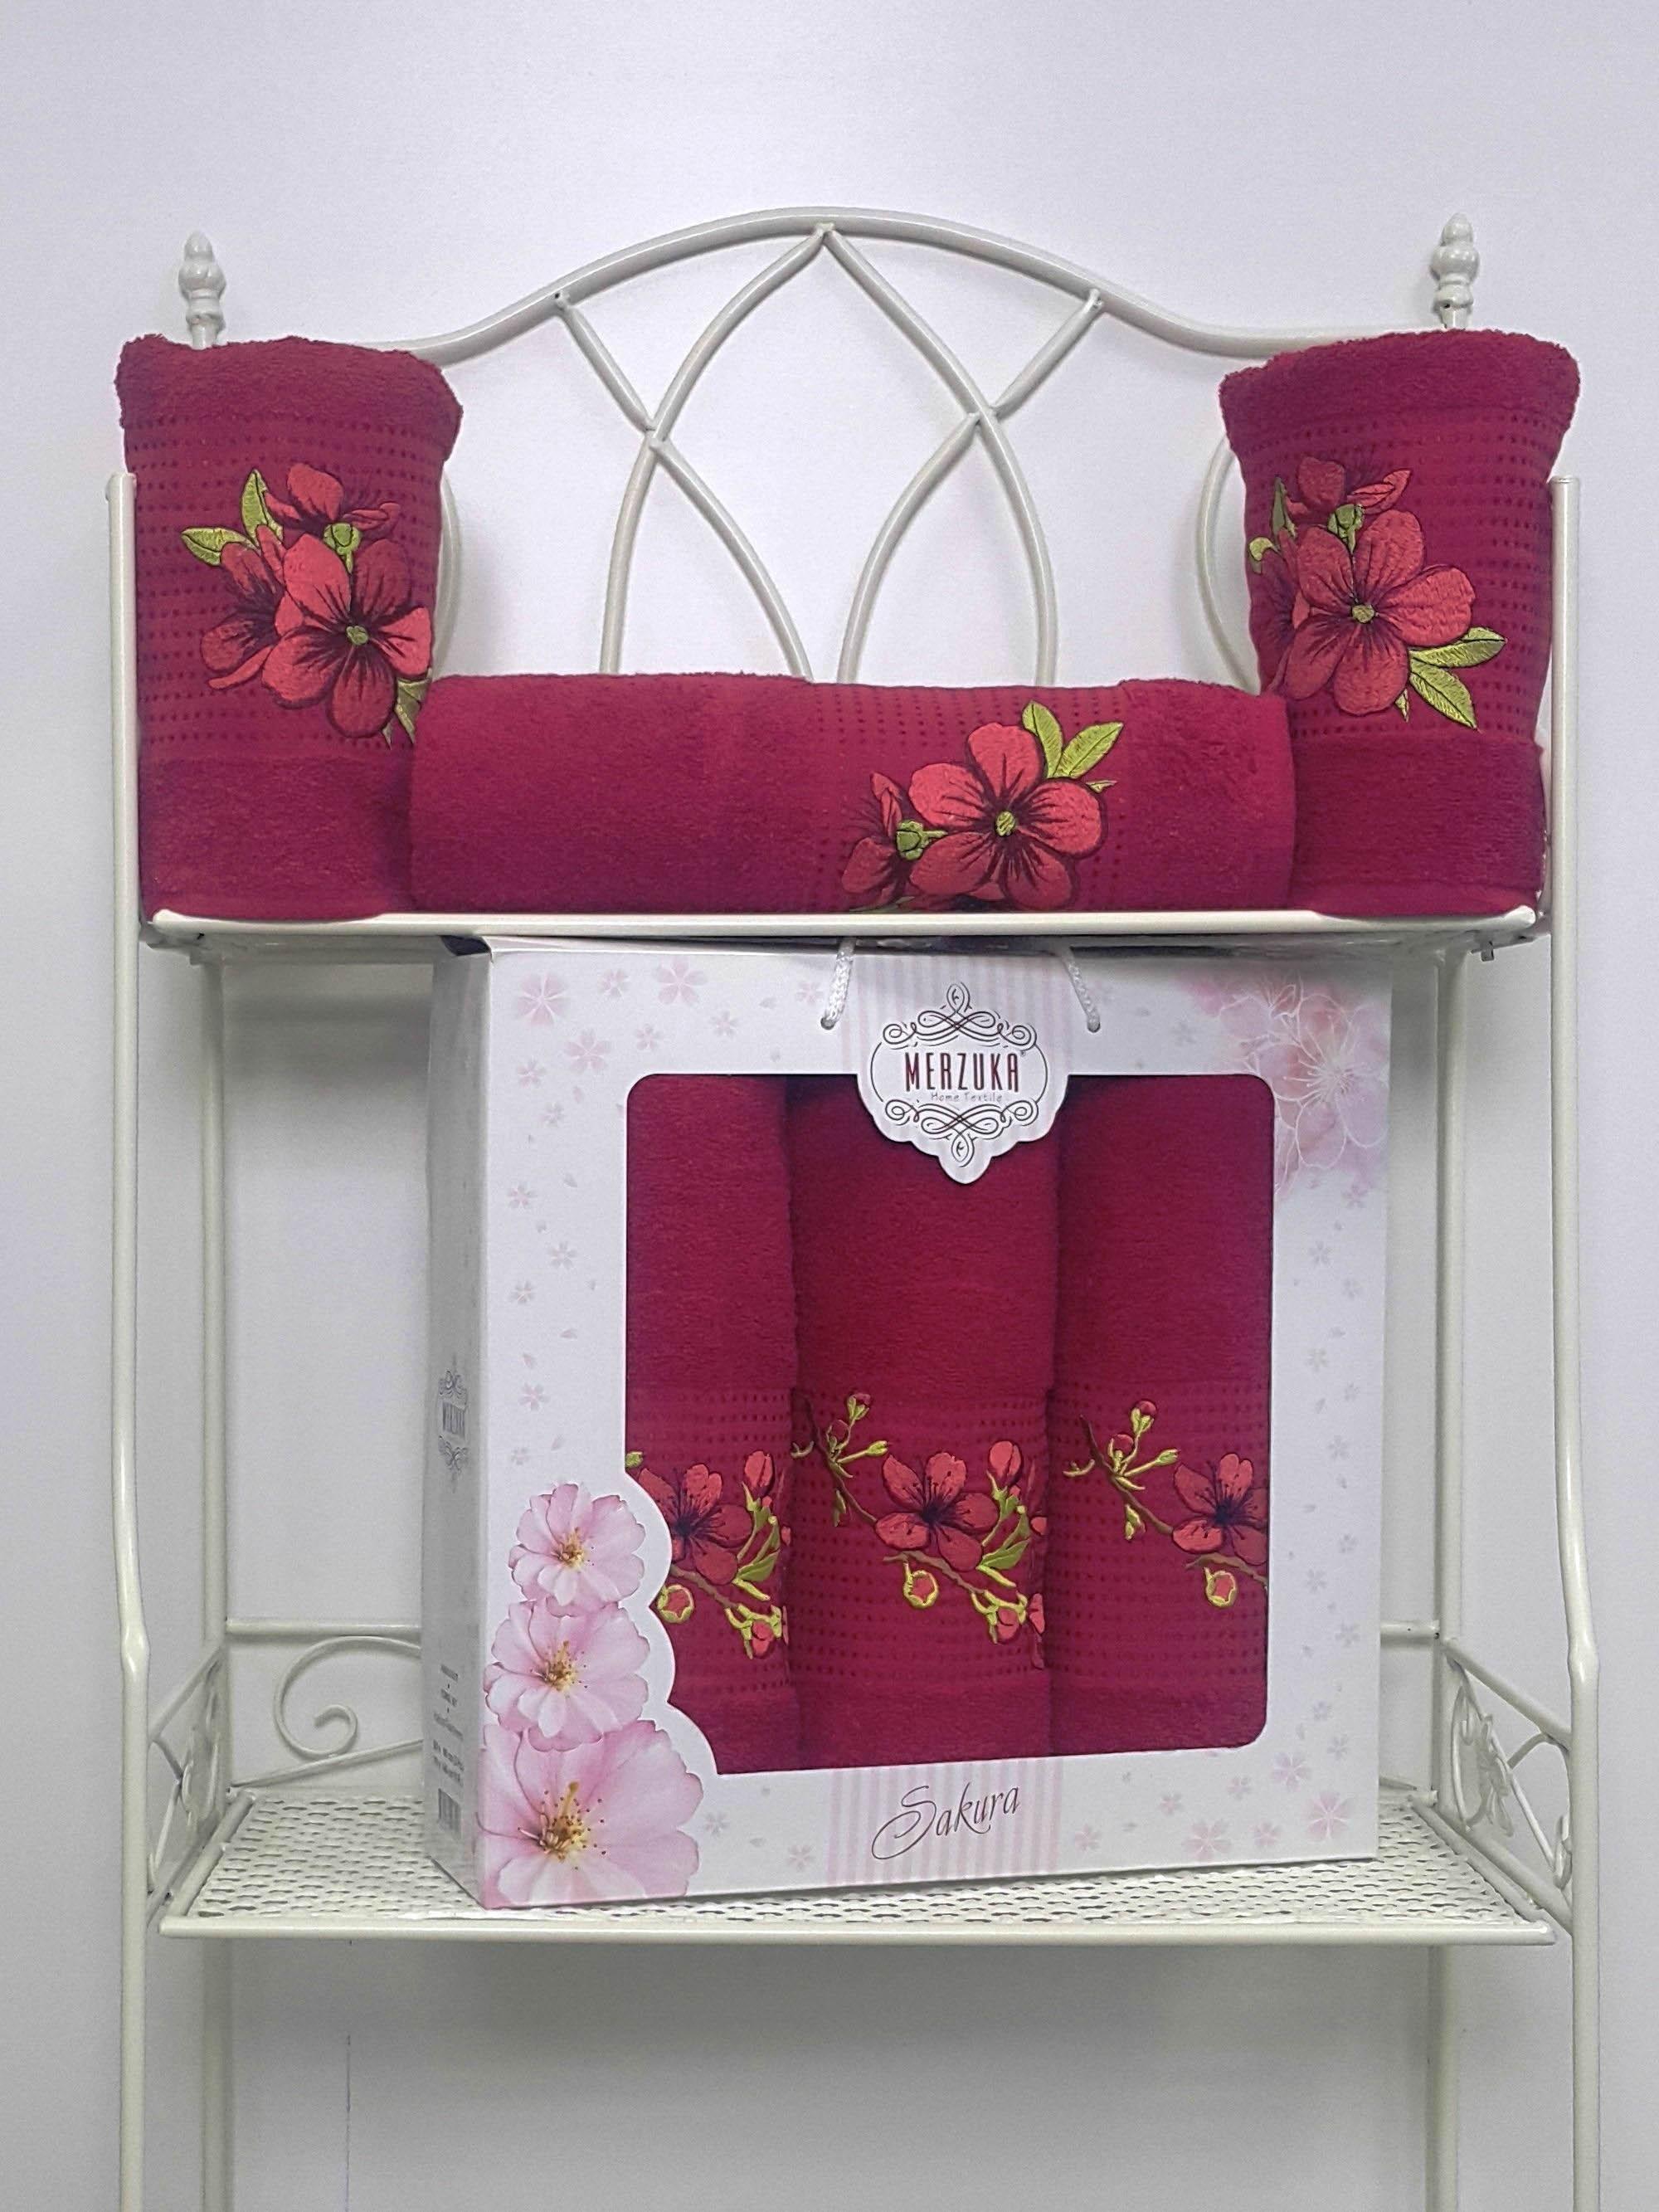 Полотенца Oran Merzuka Полотенце Sakura Цвет: Бордовый (Набор) полотенца oran merzuka полотенце sakura цвет светло лиловый набор